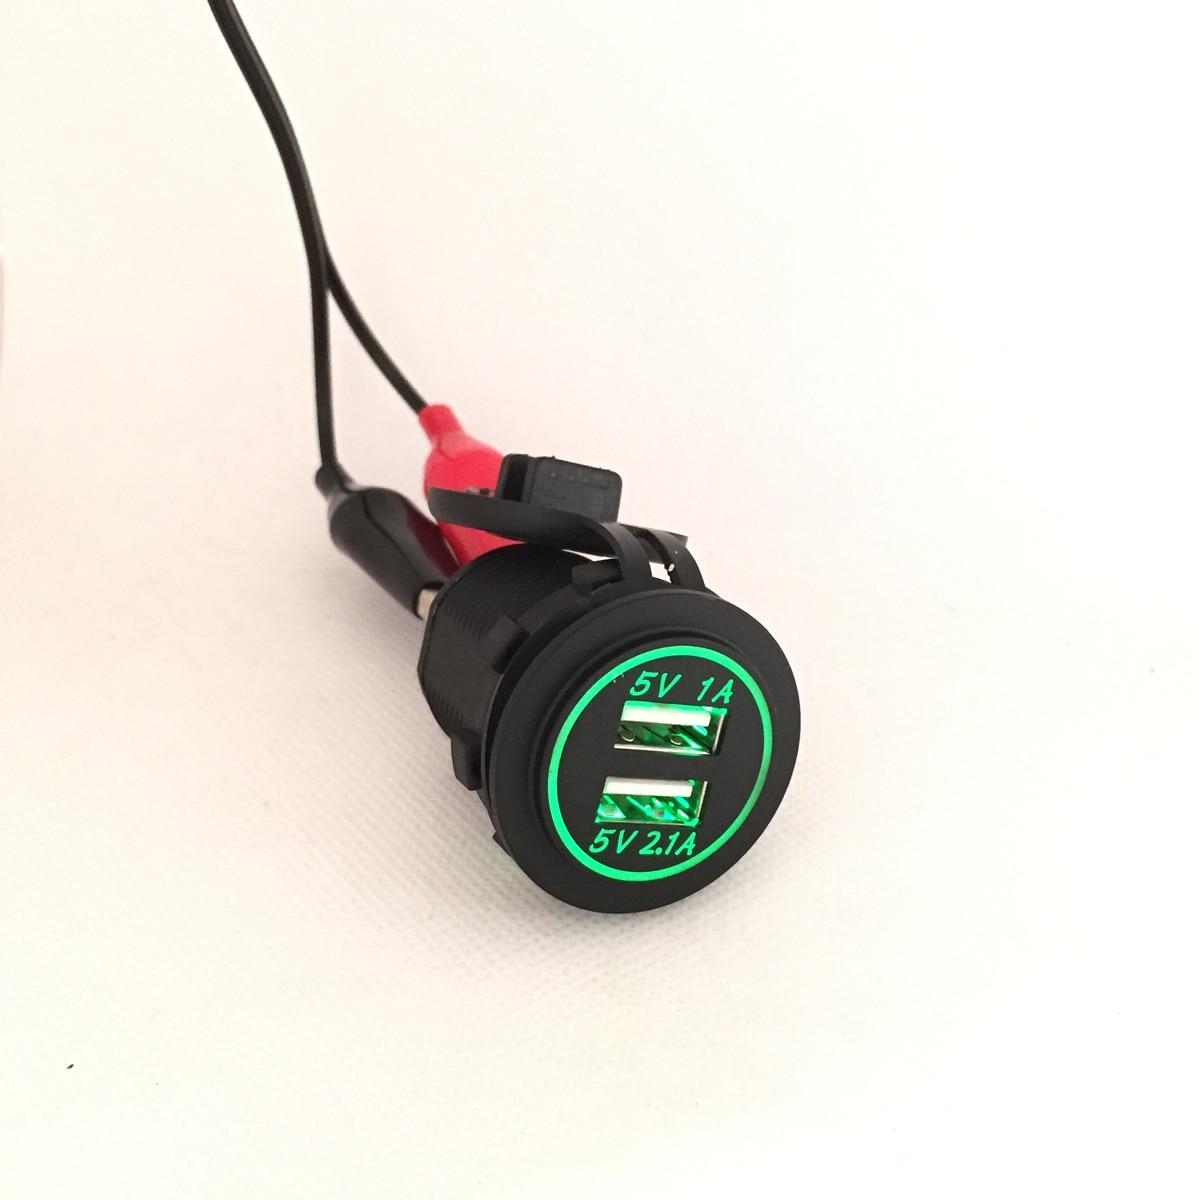 DIY 12 V-24 V Double USB Chargeur De Voiture prise de Courant 1A et 2.1A pour Ipad Iphone Voiture Bateau Marine Mobile LED Lumière Bleu Rouge Vert Orange